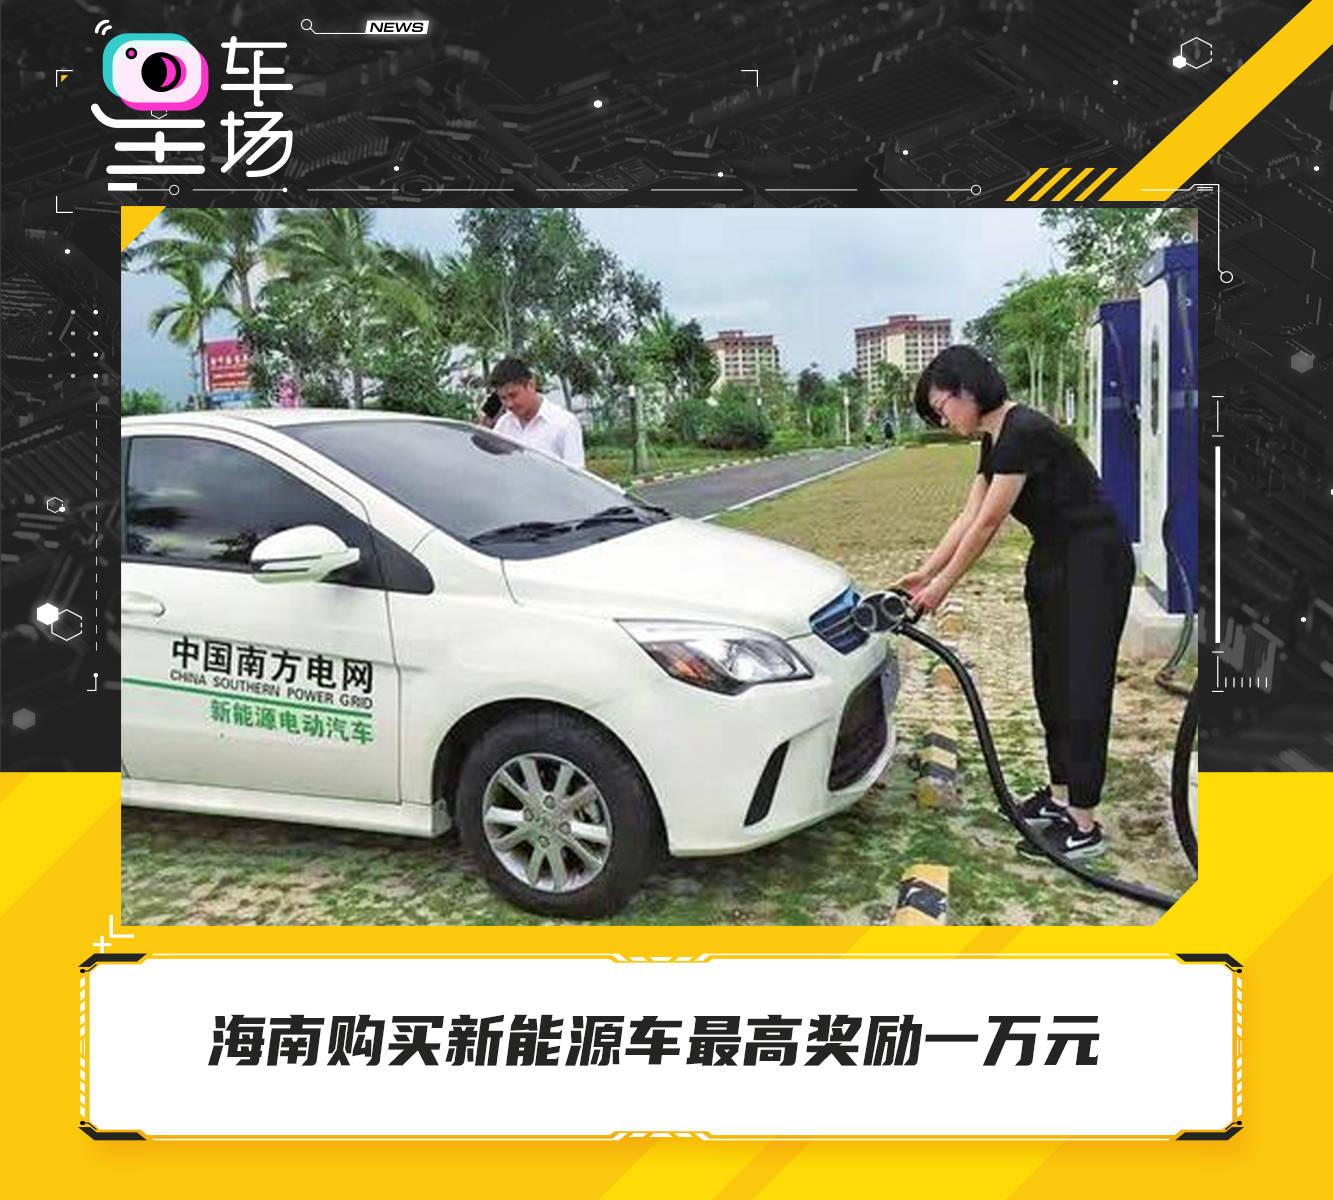 海南购买新能源车最高奖励一万元